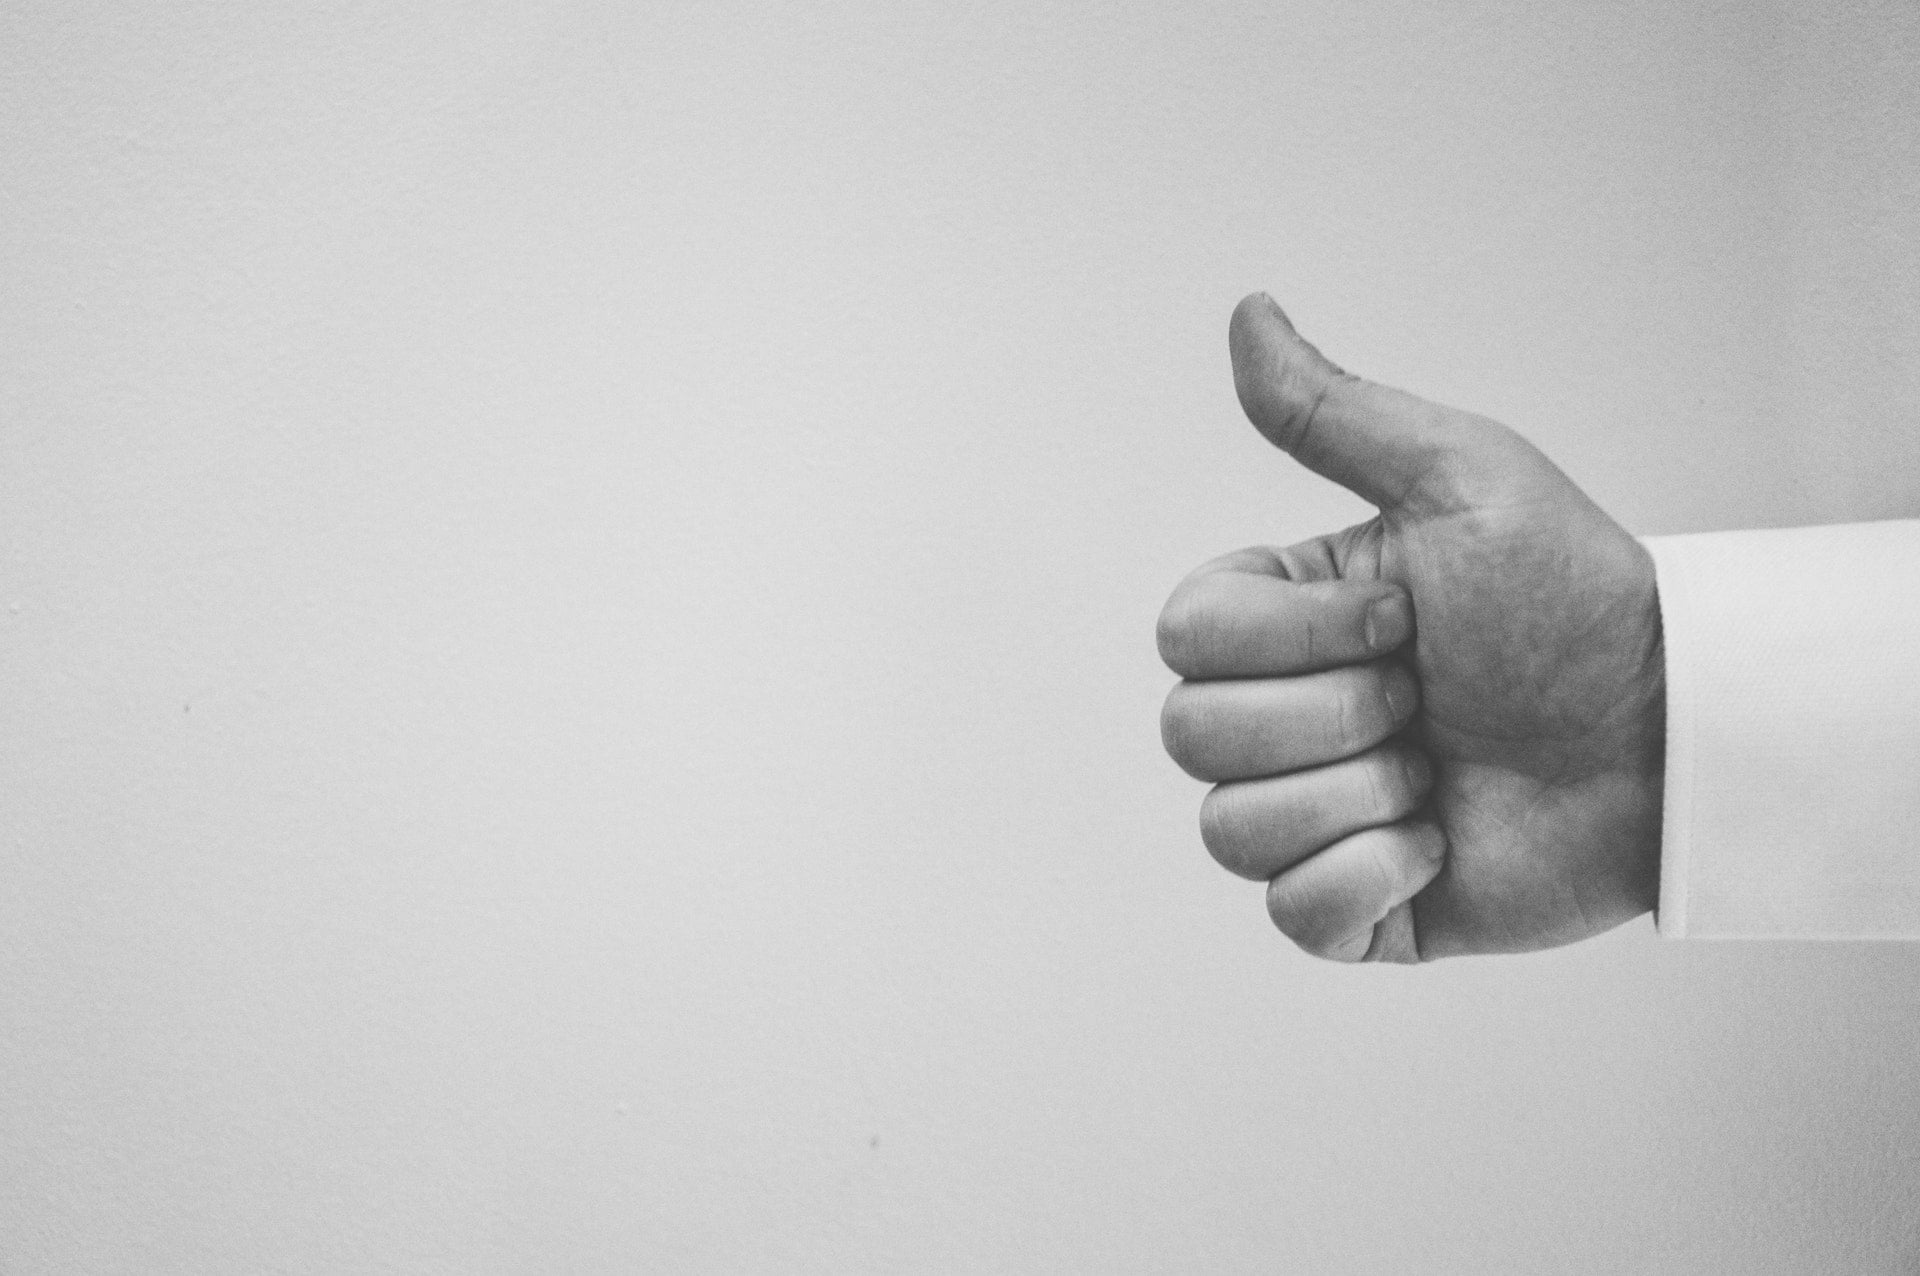 Jak zdobyć lajki na facebooku firmy - 10 skutecznych sposobów